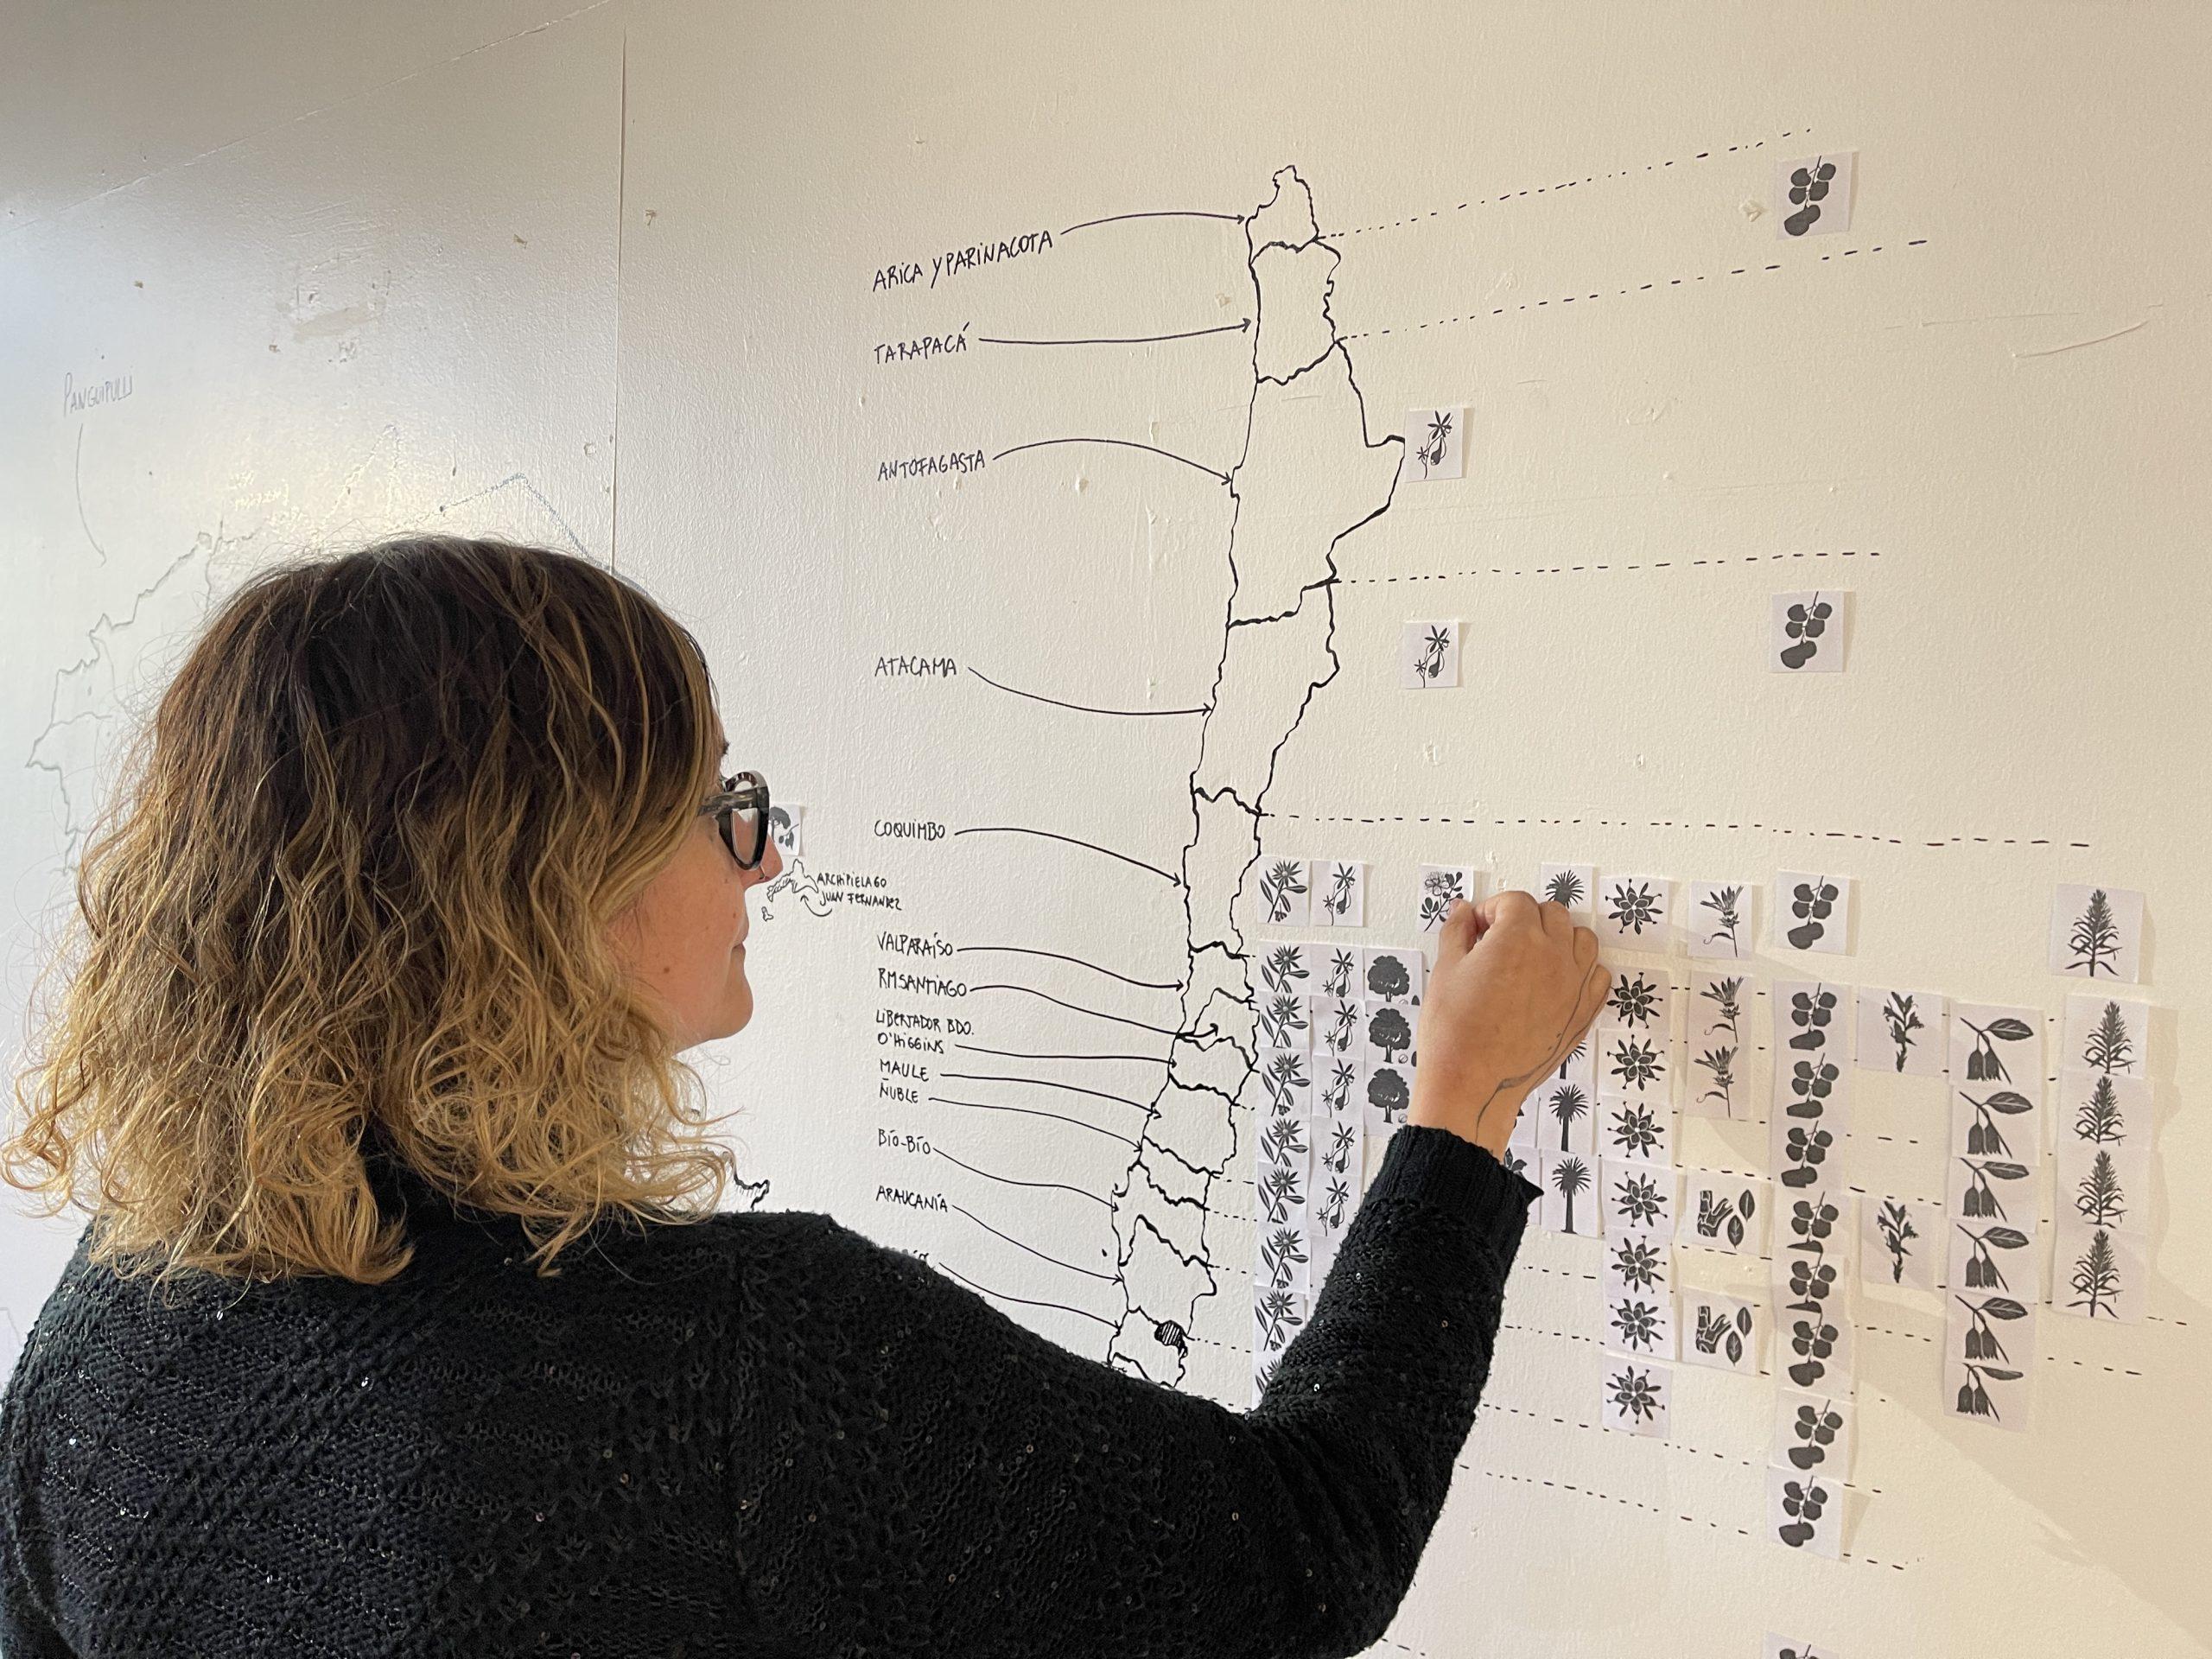 Ilustradora científica Francisca Veas prepara muestra de artes visuales en Casona Cultural de Panguipulli